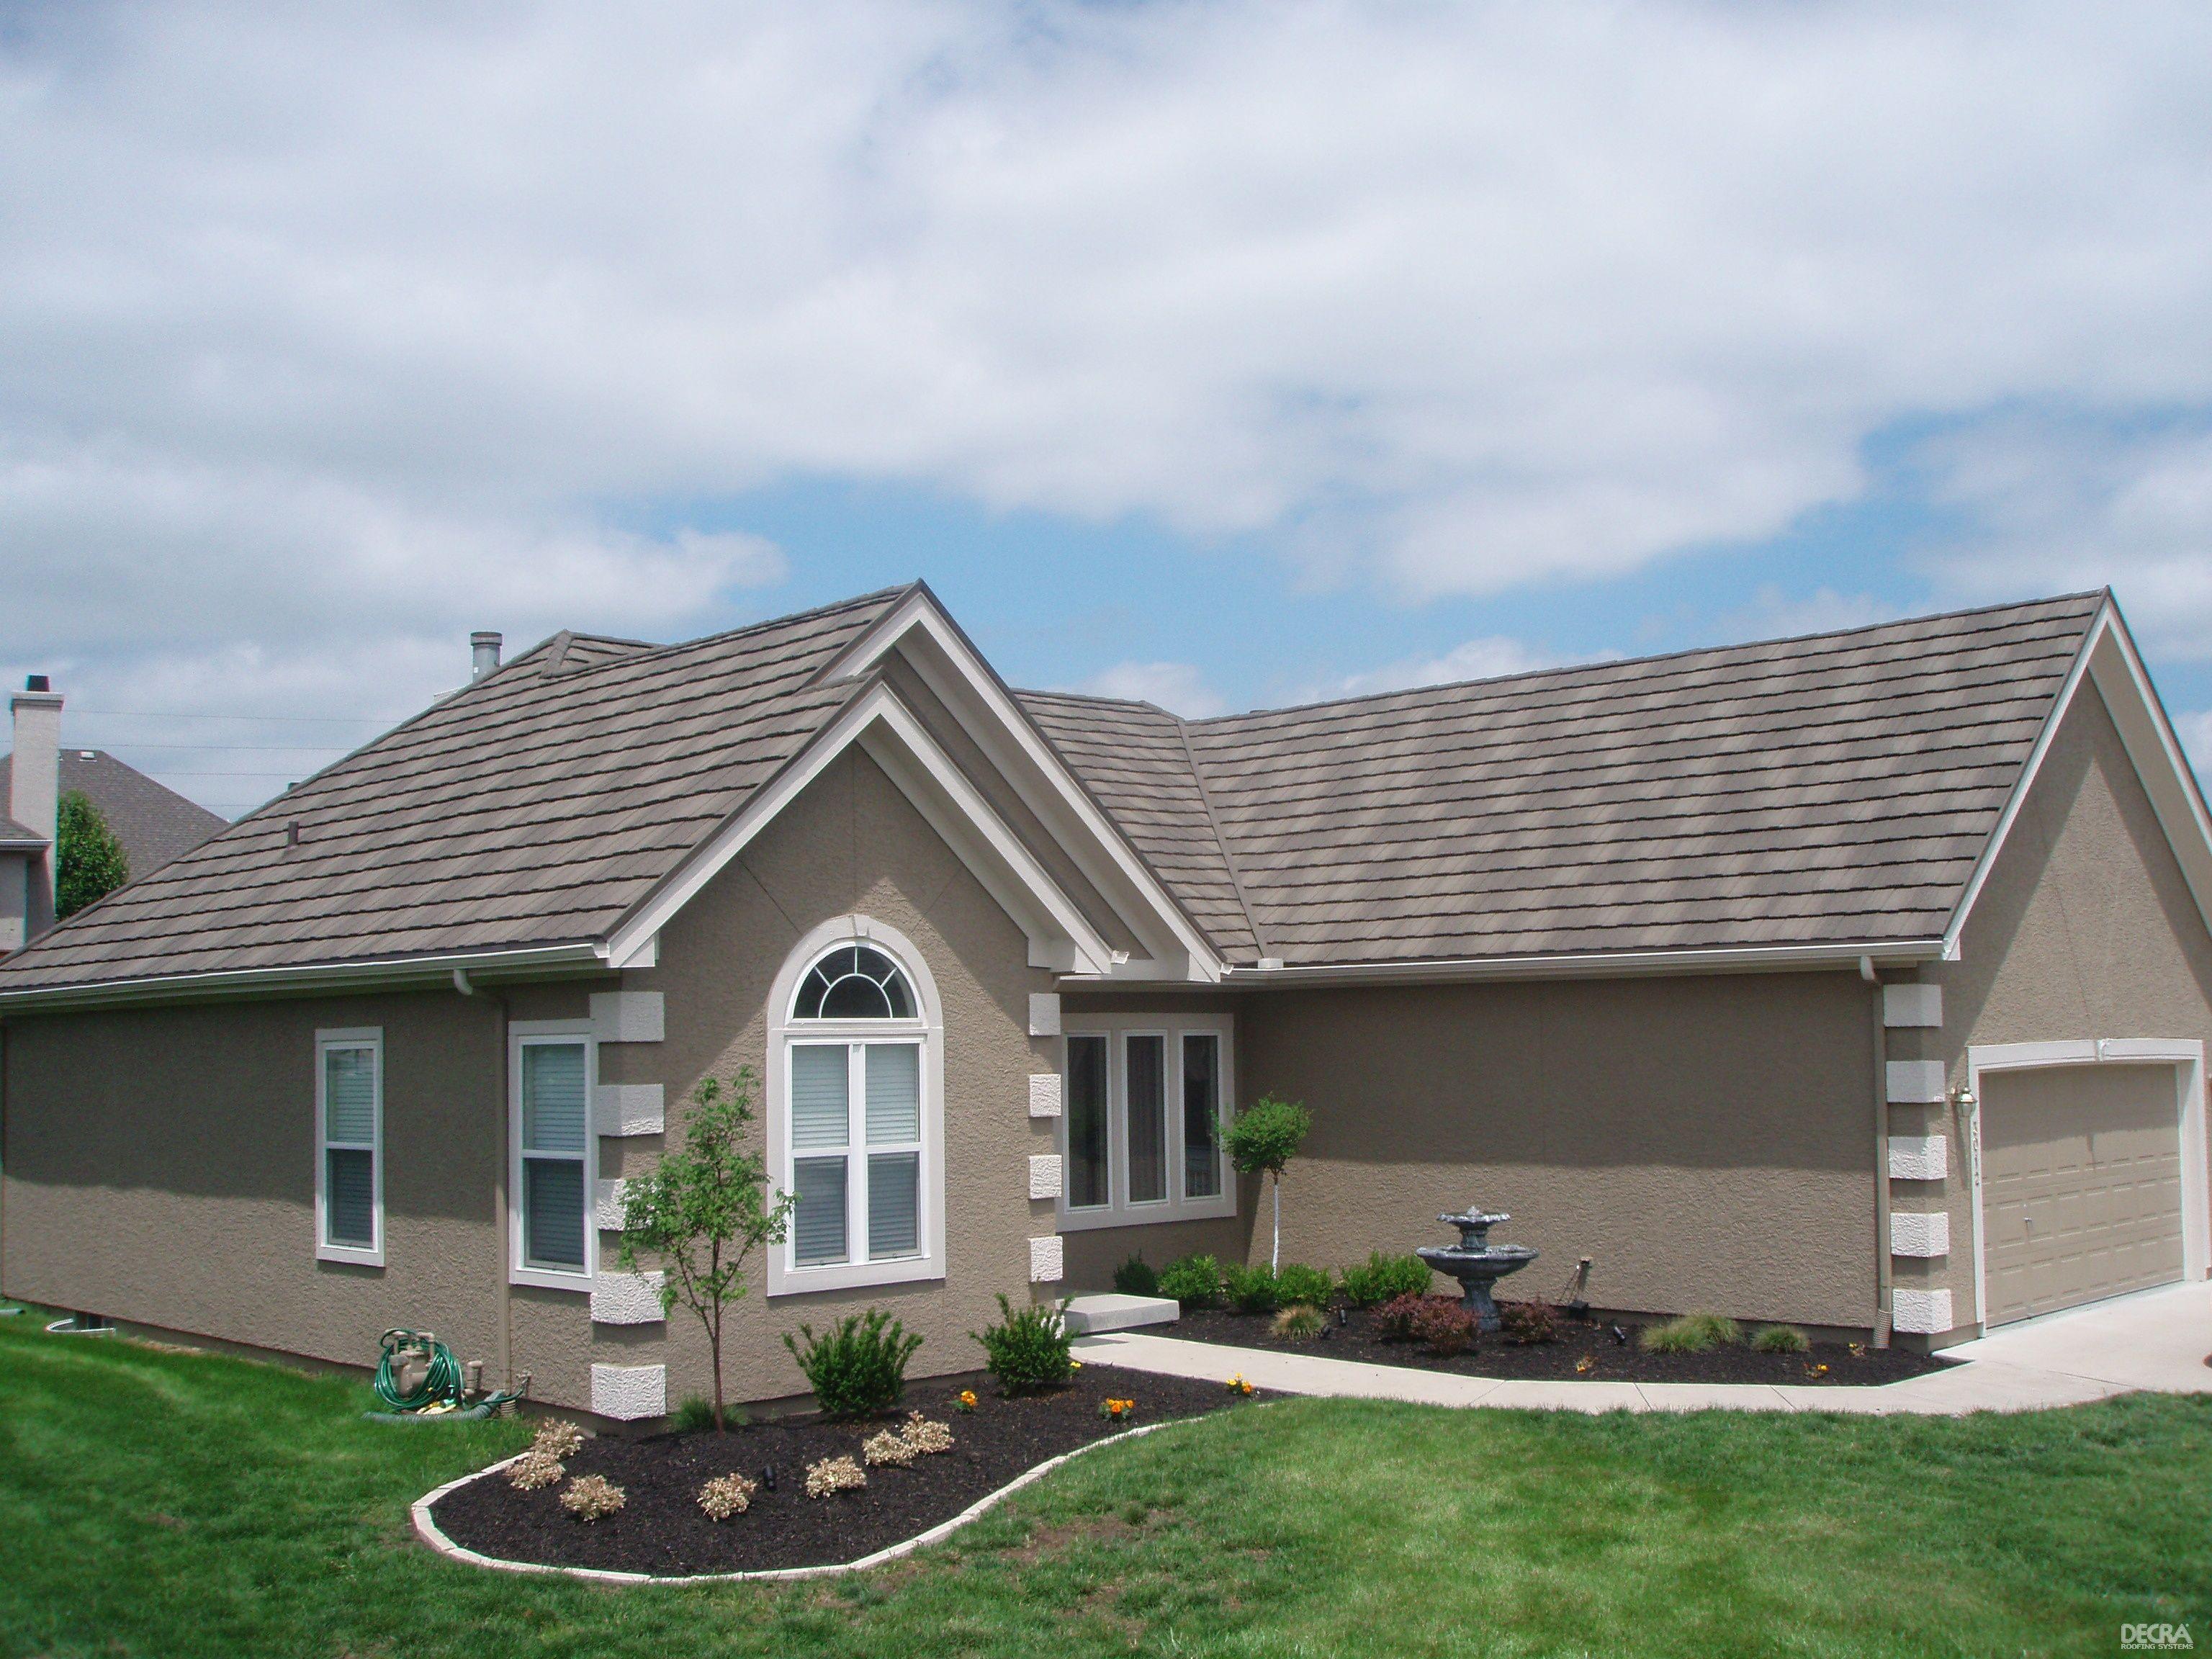 Decra Pinnacle Grey Theroofagency Com 817 722 5866 Decra Roofing Roofing Systems